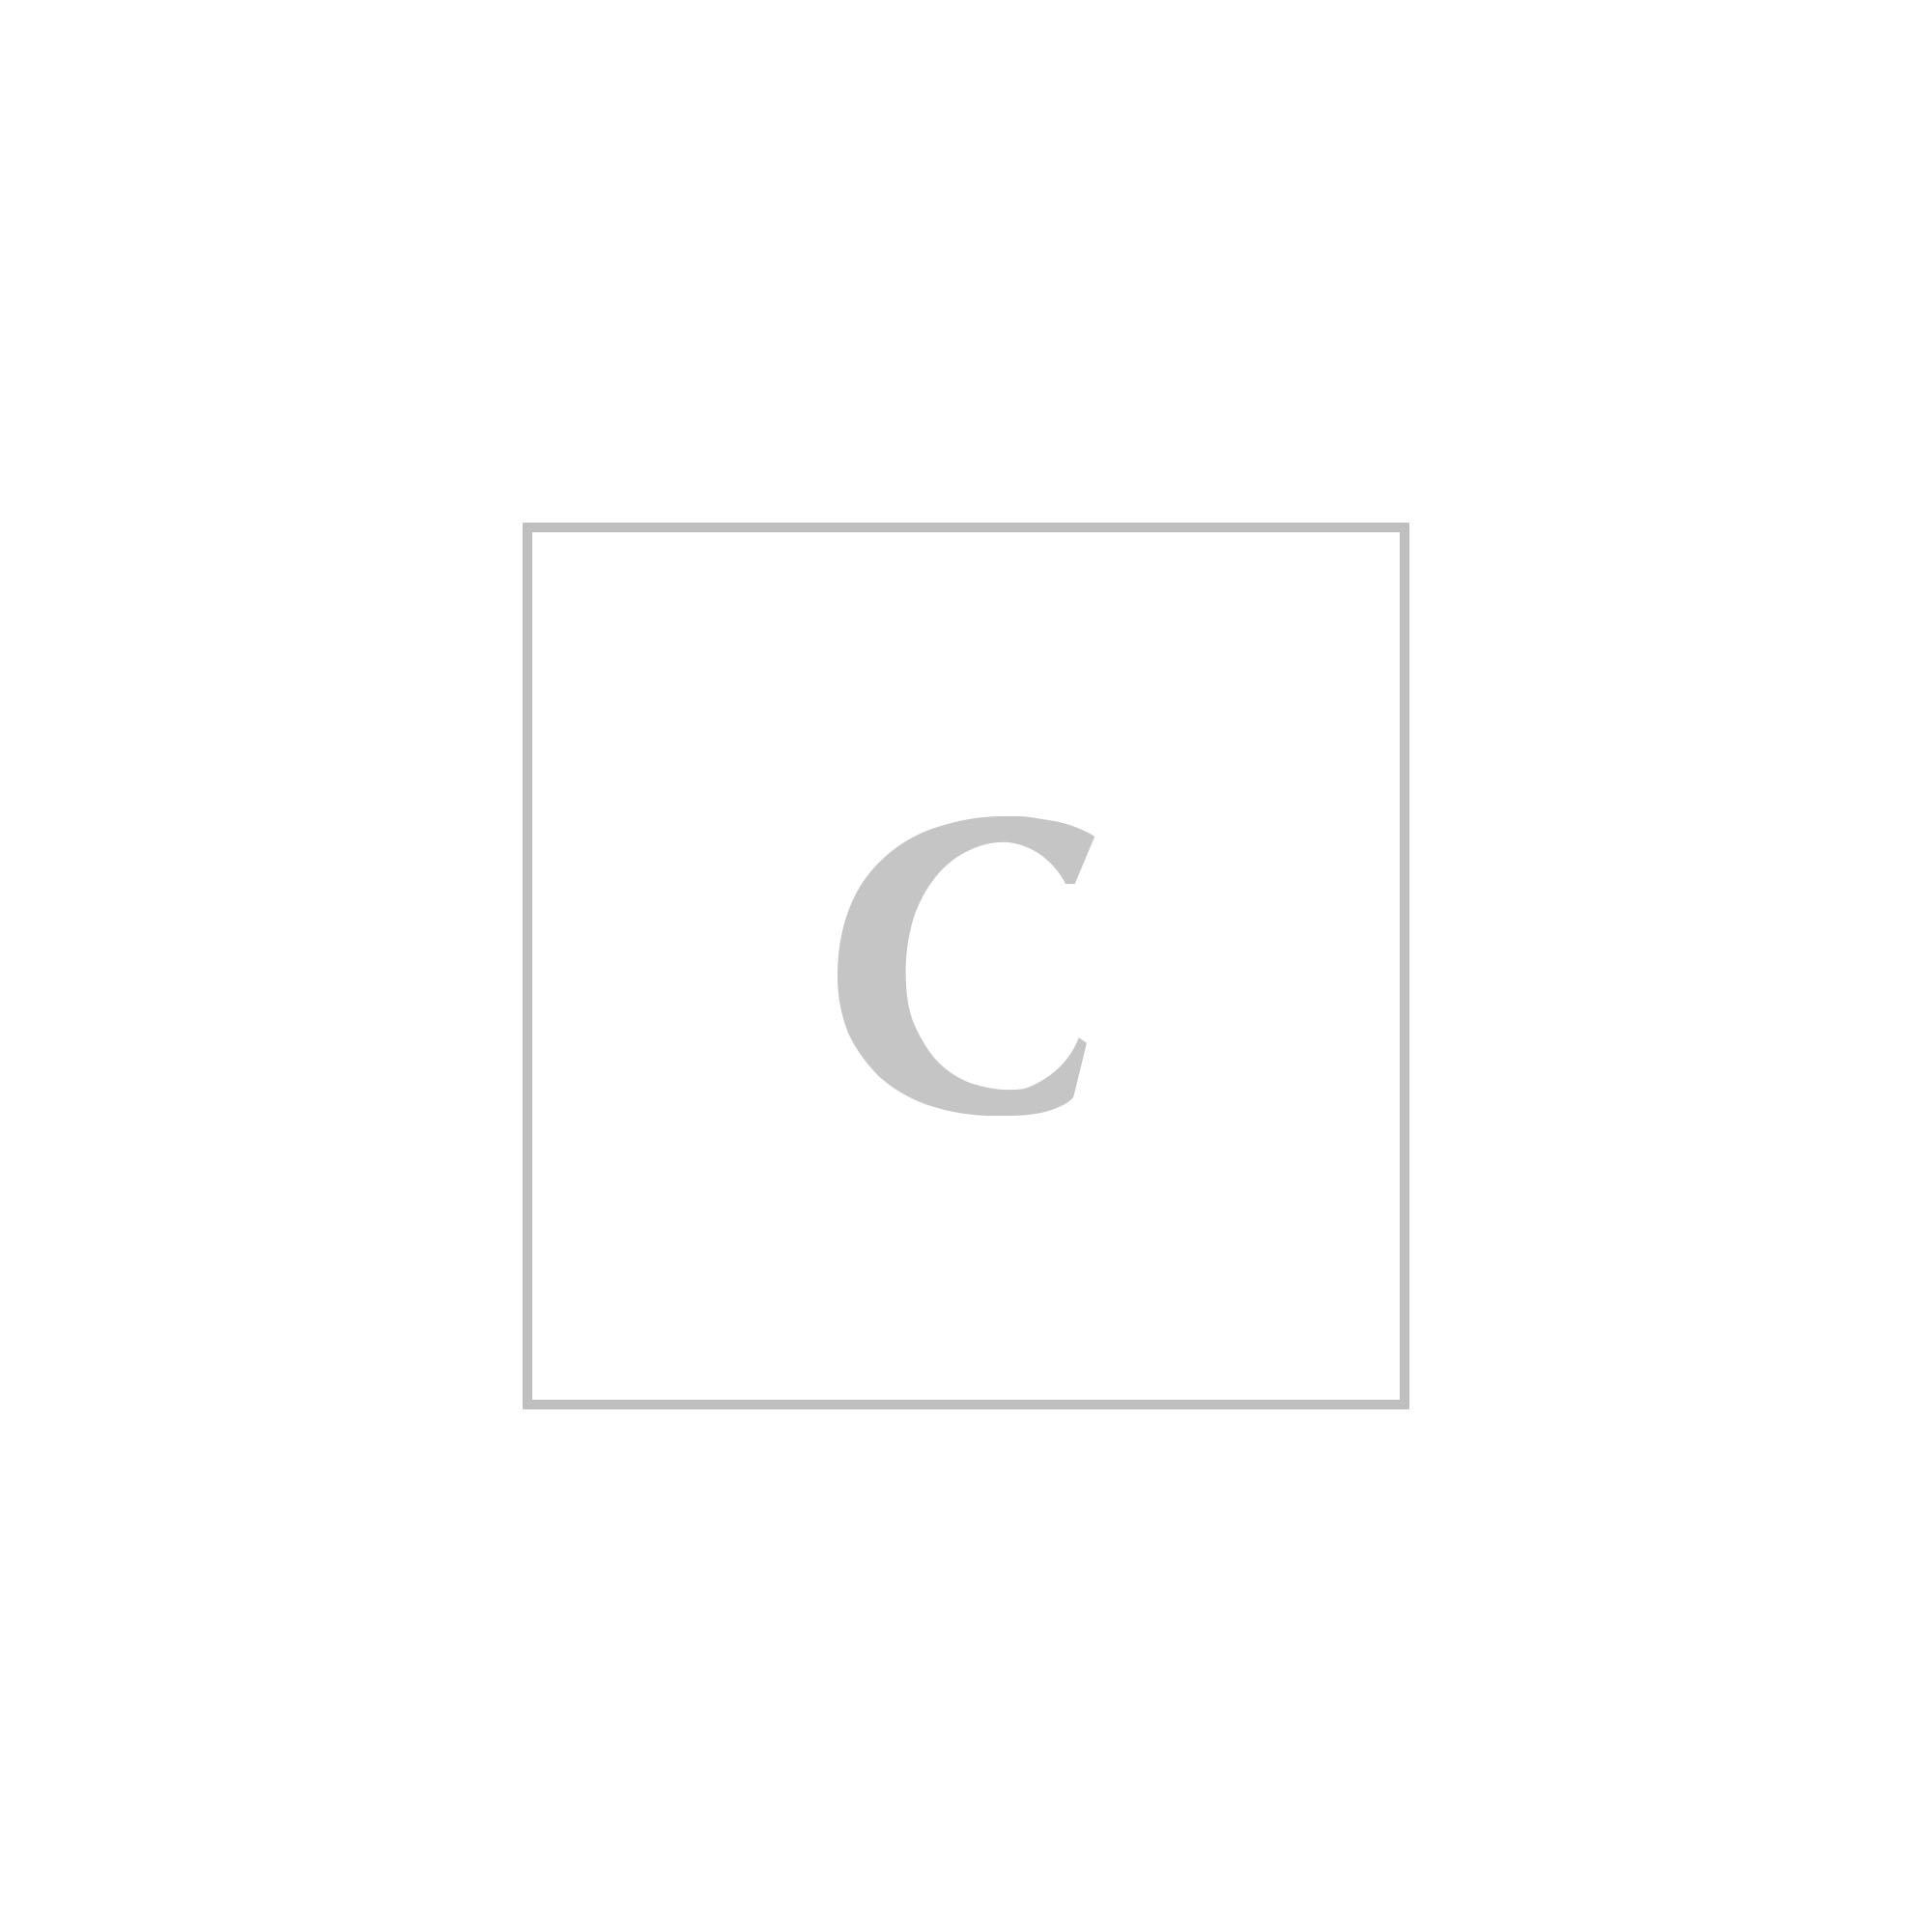 Dolce & gabbana dauphine calfskin mini bag